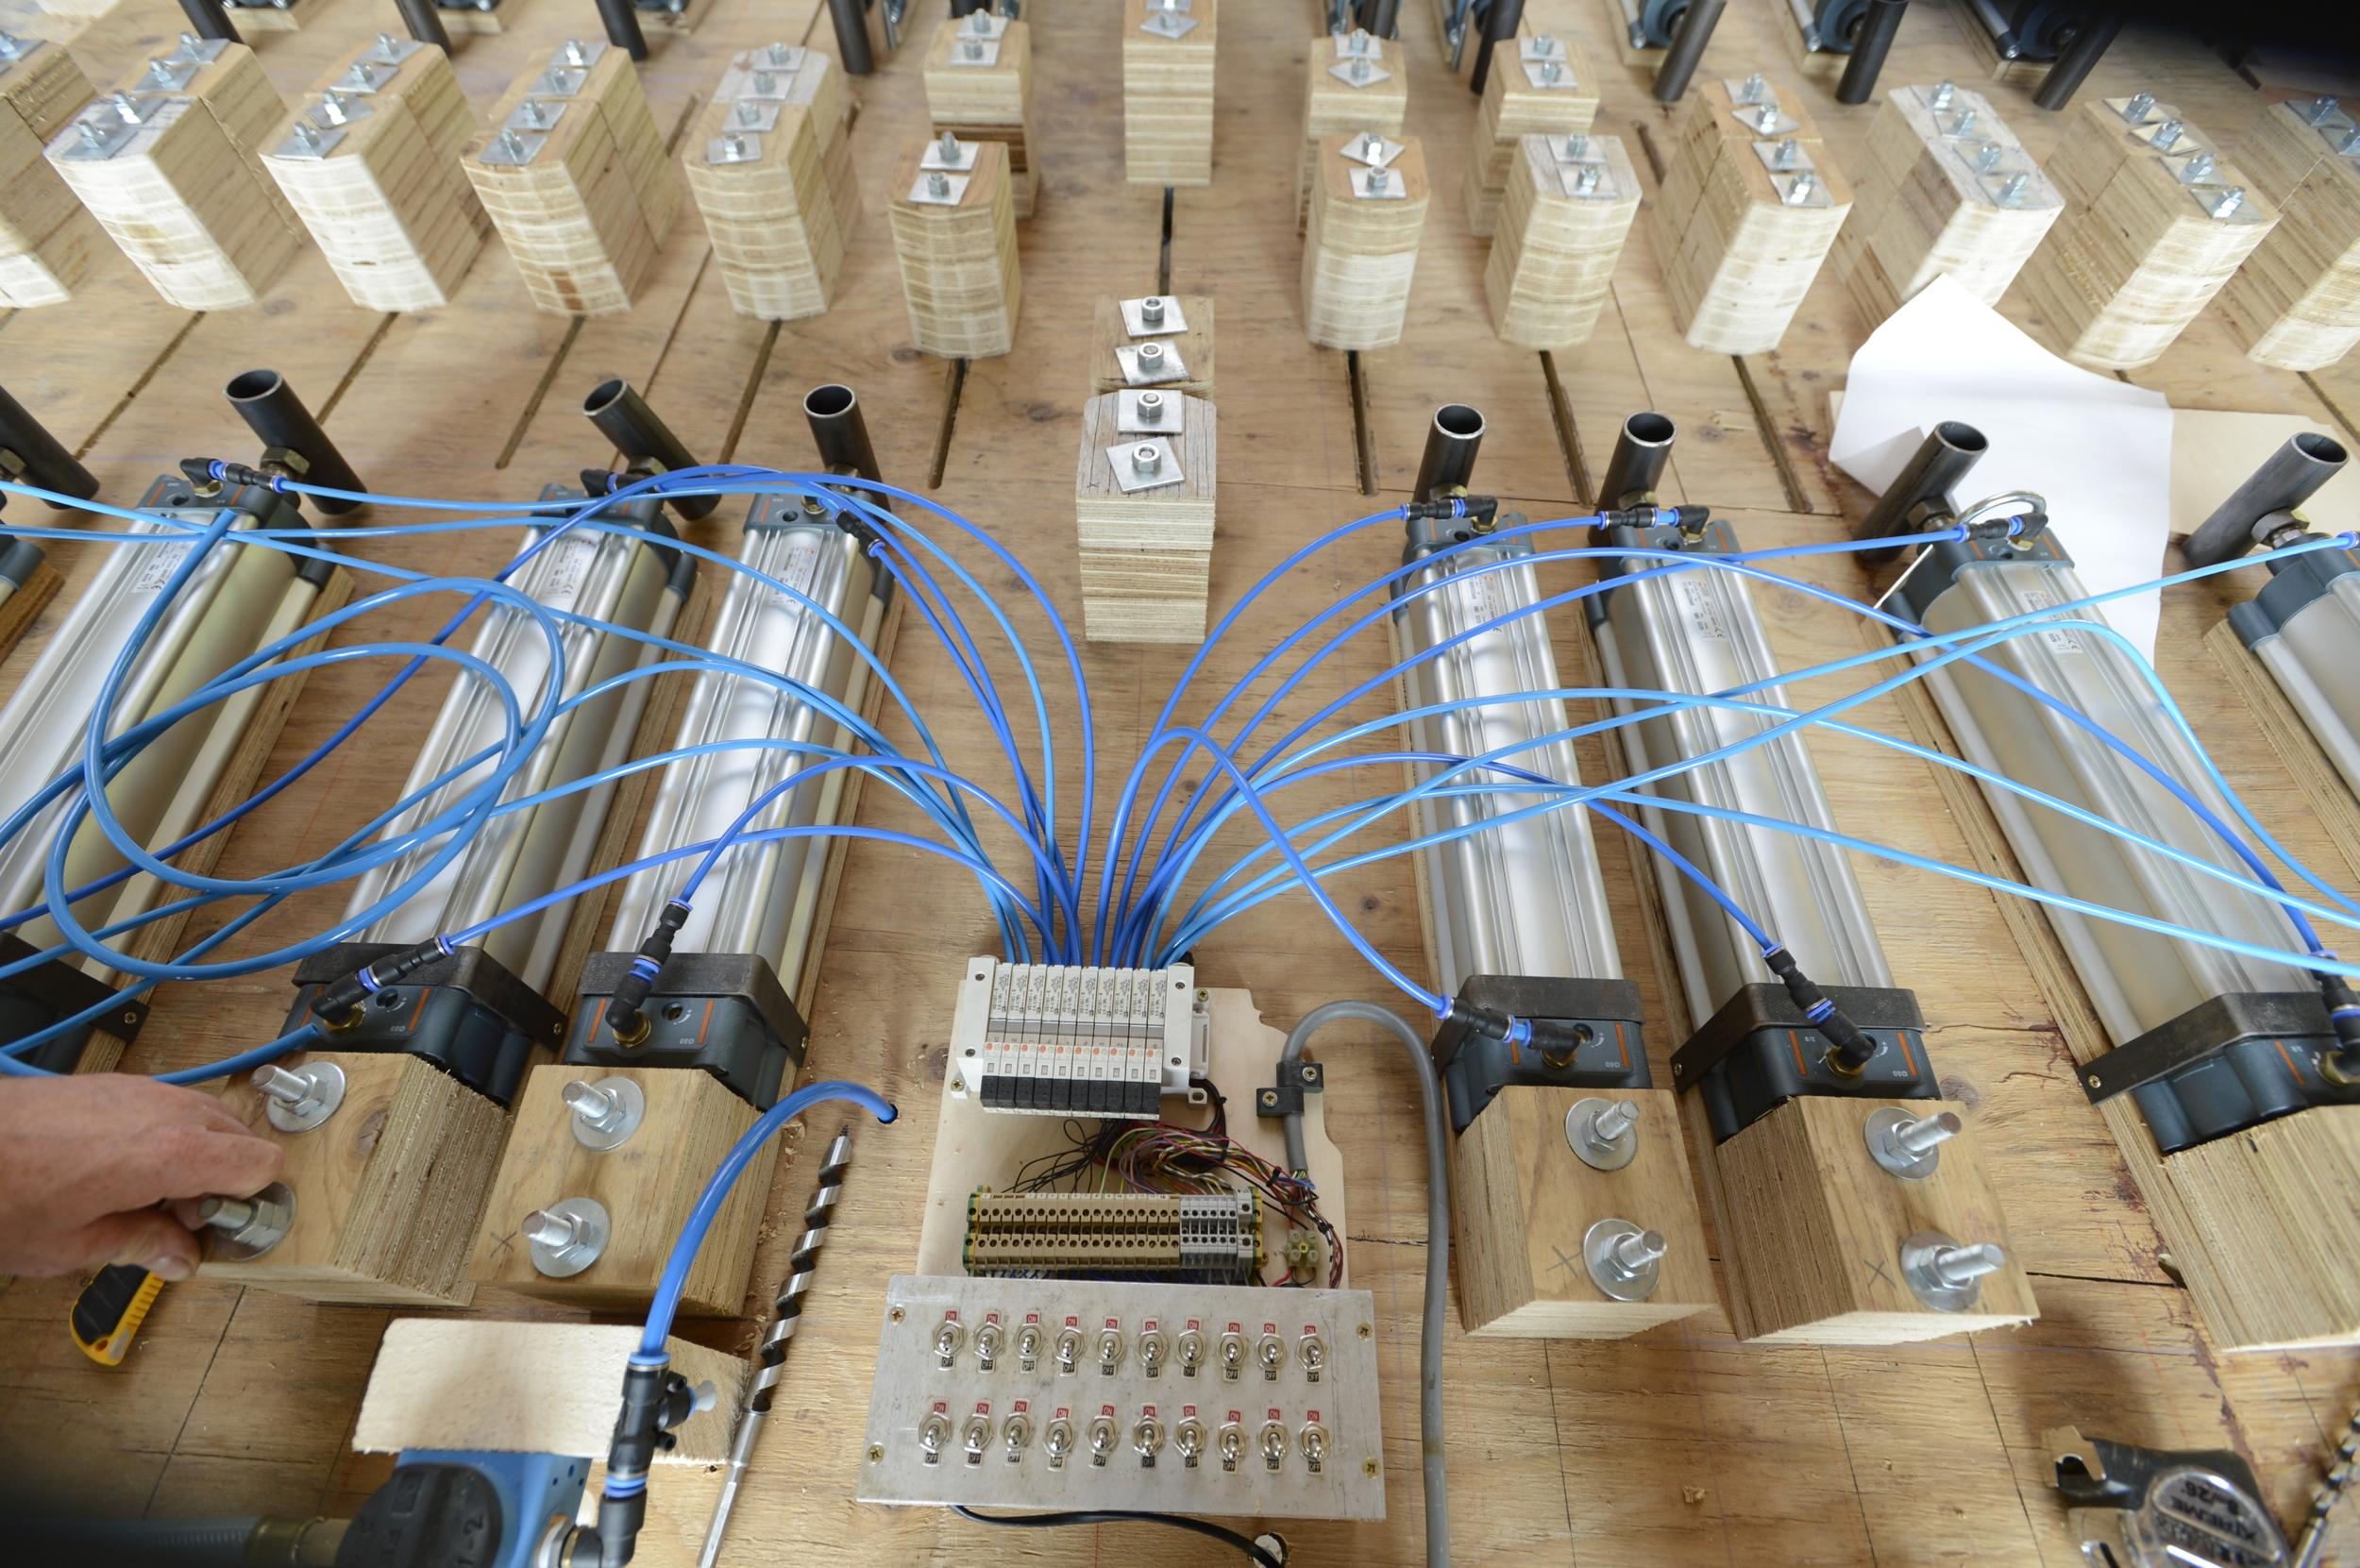 Hooke_Park_Design_&_Make_Timber_Seasoning_Shed_jig_for_bending_wood_VB_2013_07_18_0087.JPG